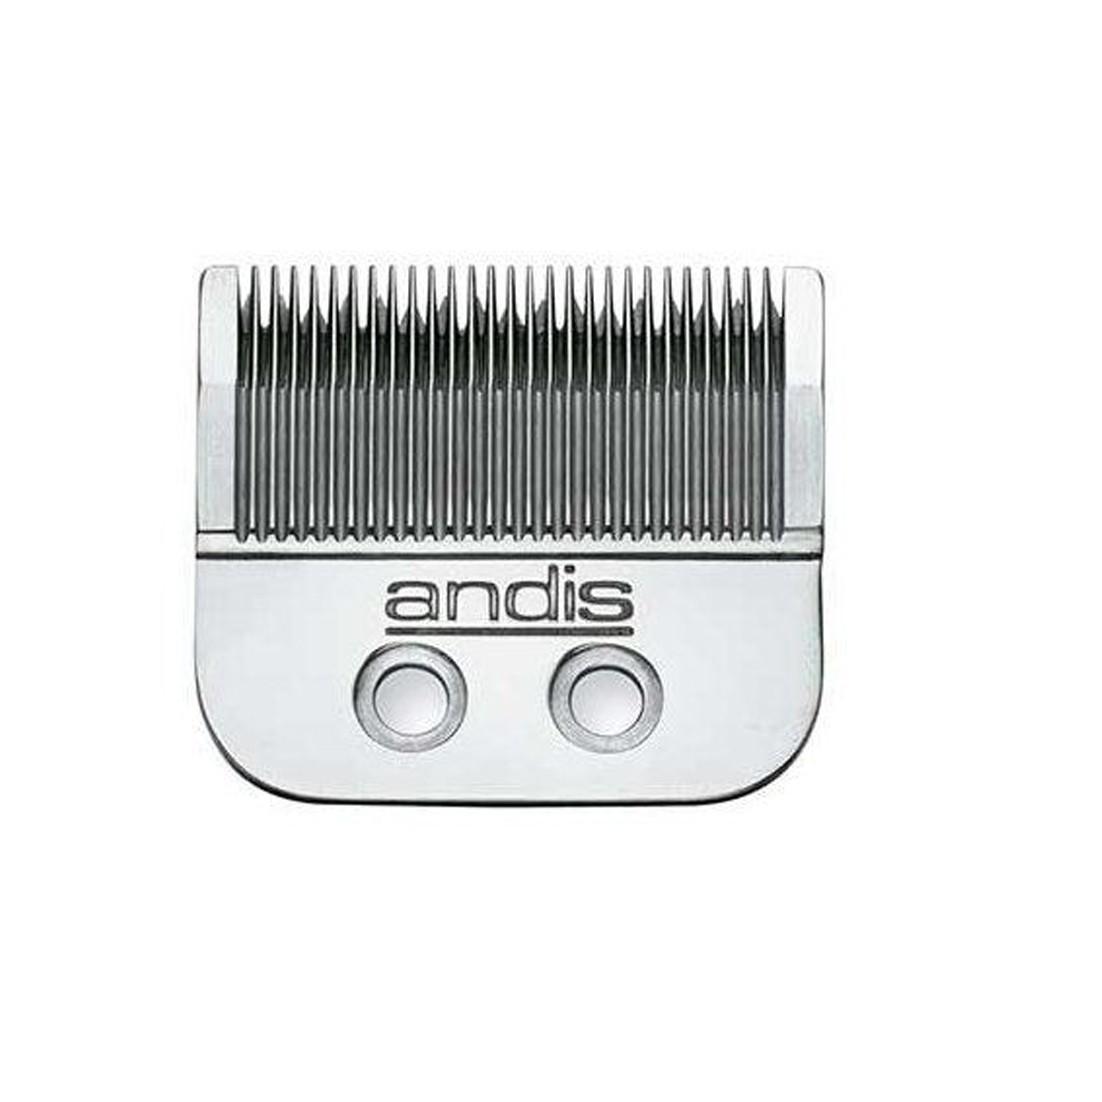 Cuchilla Andis MC-2 Easy Style original 63315  31da36e09f0b